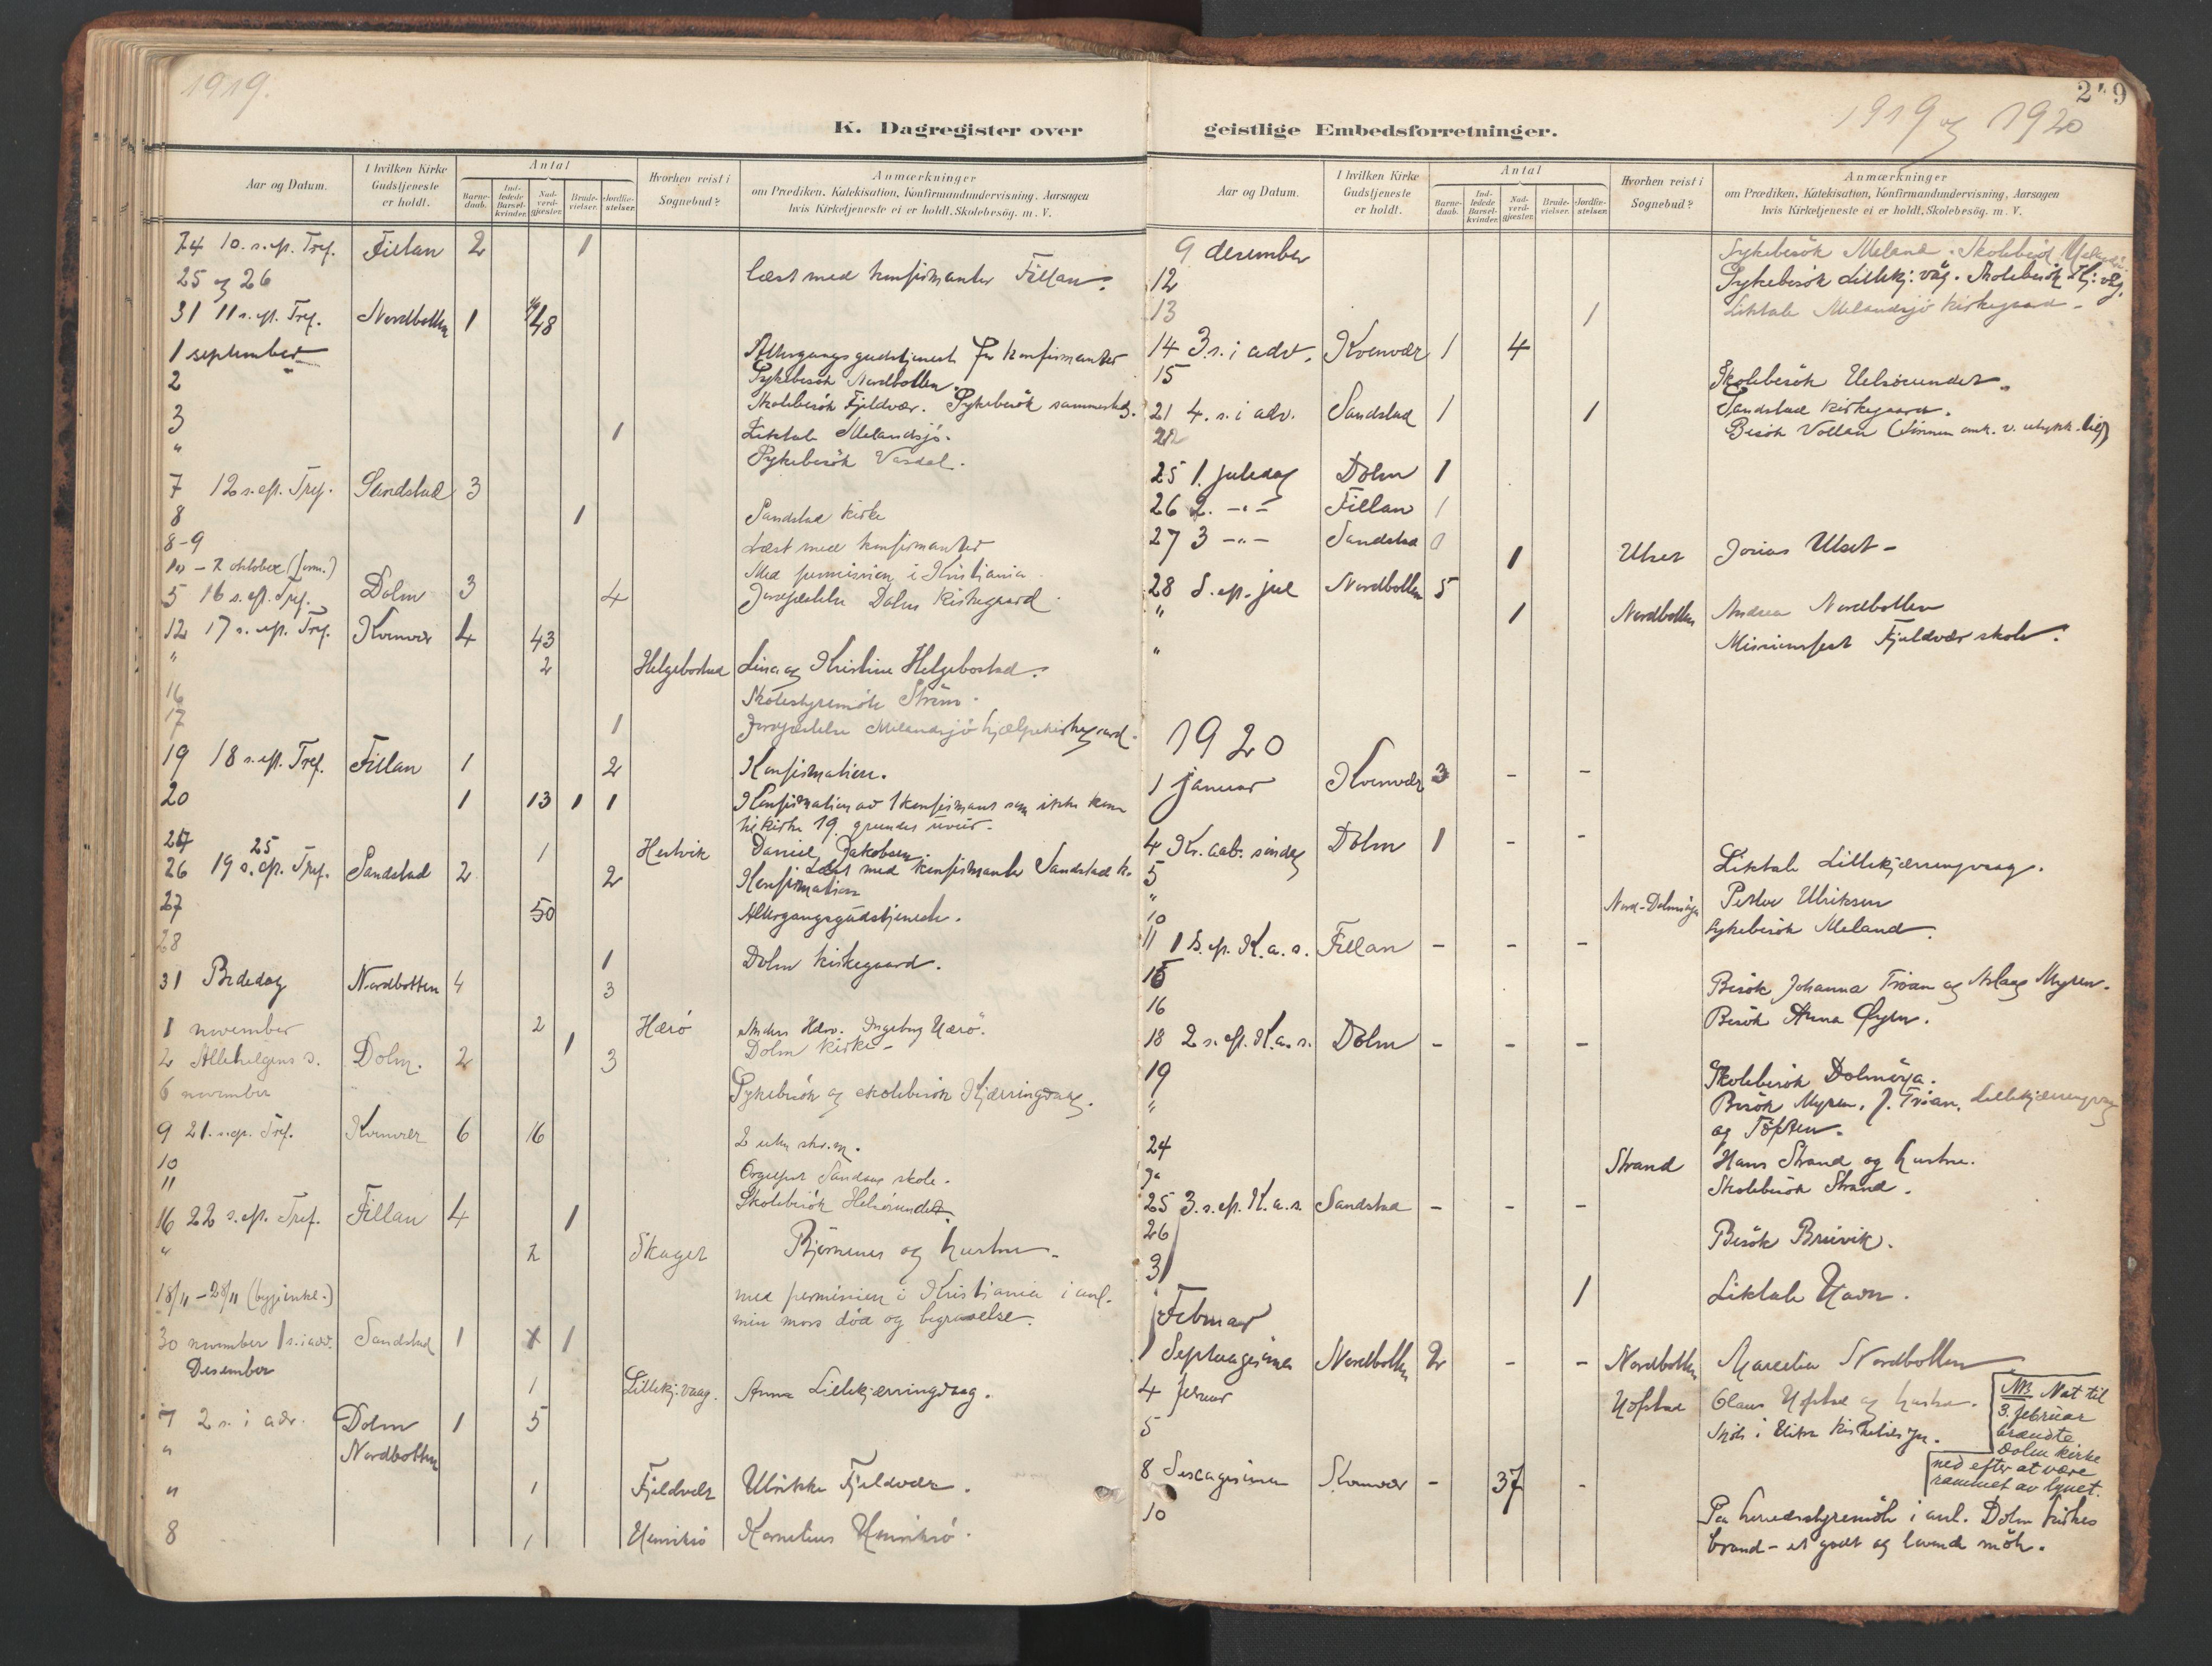 SAT, Ministerialprotokoller, klokkerbøker og fødselsregistre - Sør-Trøndelag, 634/L0537: Ministerialbok nr. 634A13, 1896-1922, s. 249